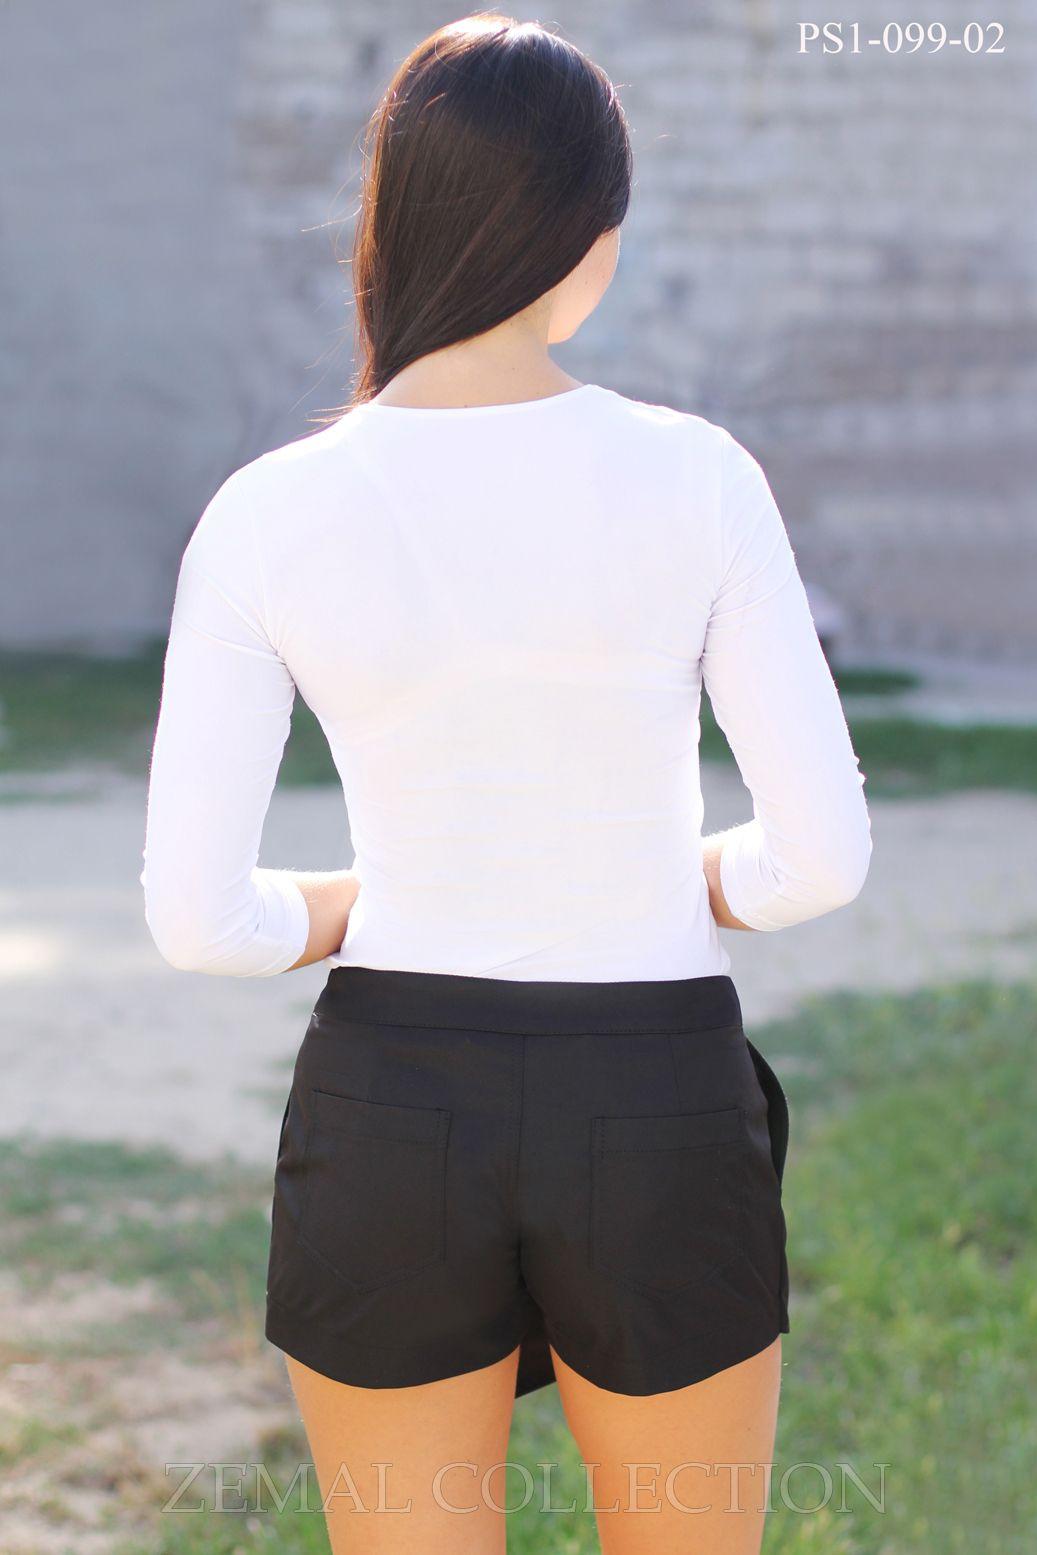 Юбка-шорты PS1-099 купить на сайте производителя